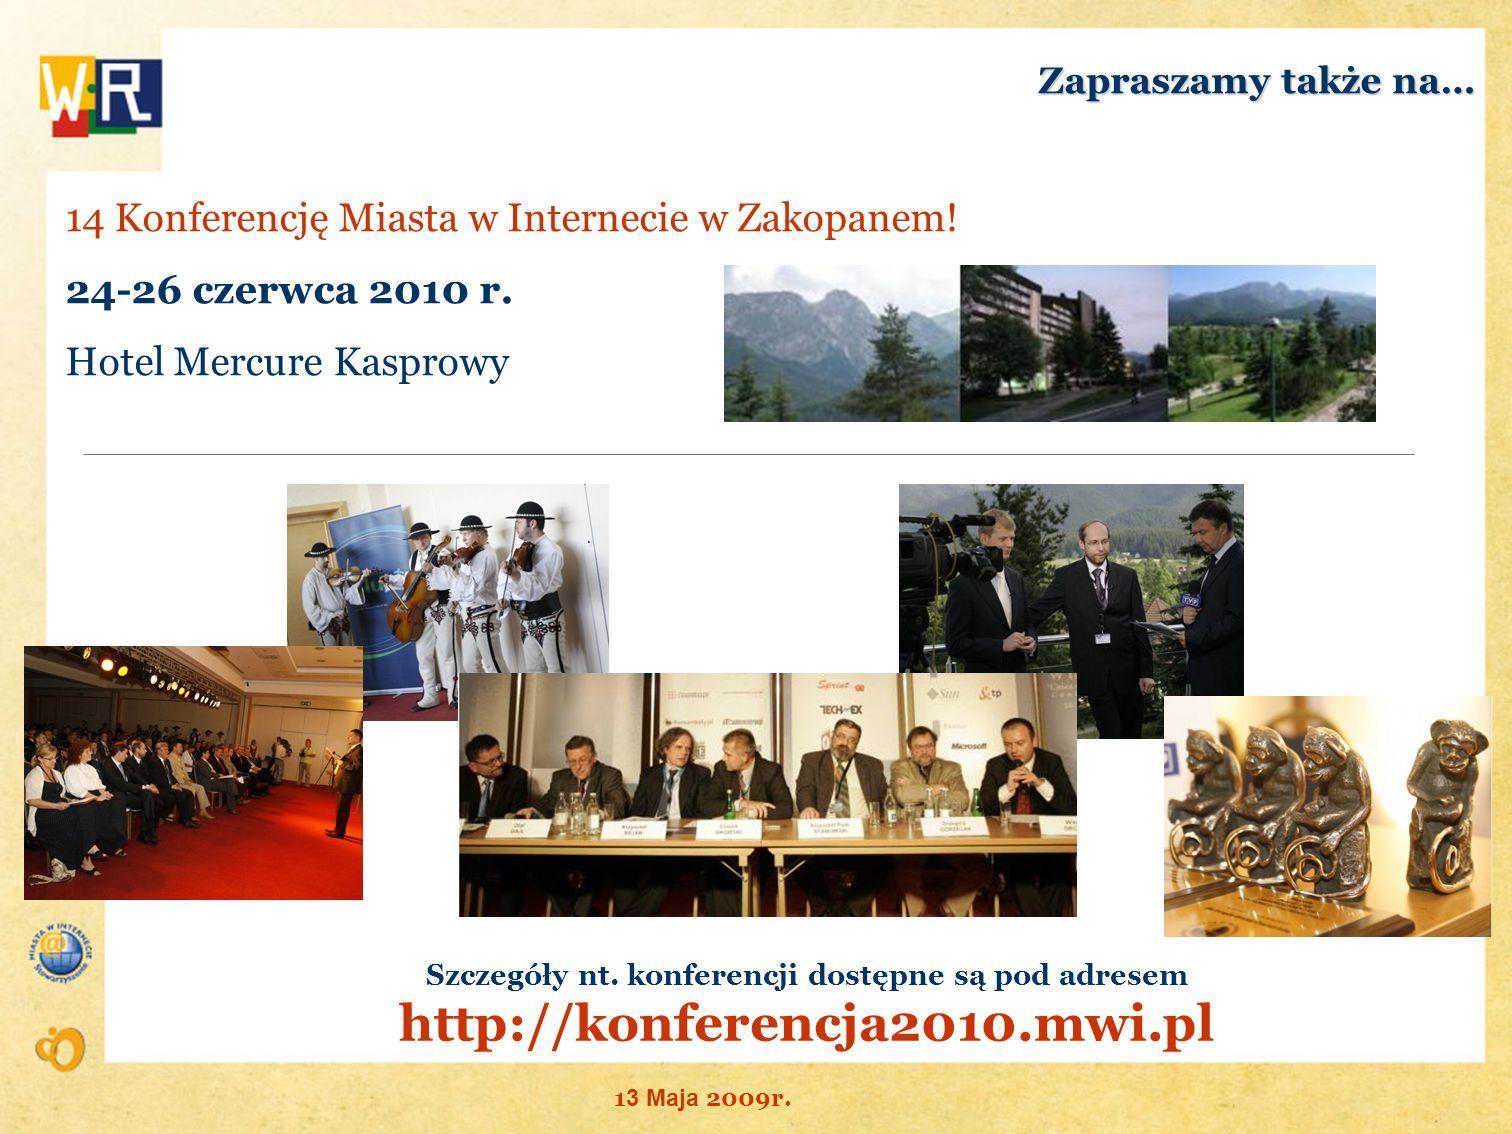 Szczegóły nt. konferencji dostępne są pod adresem